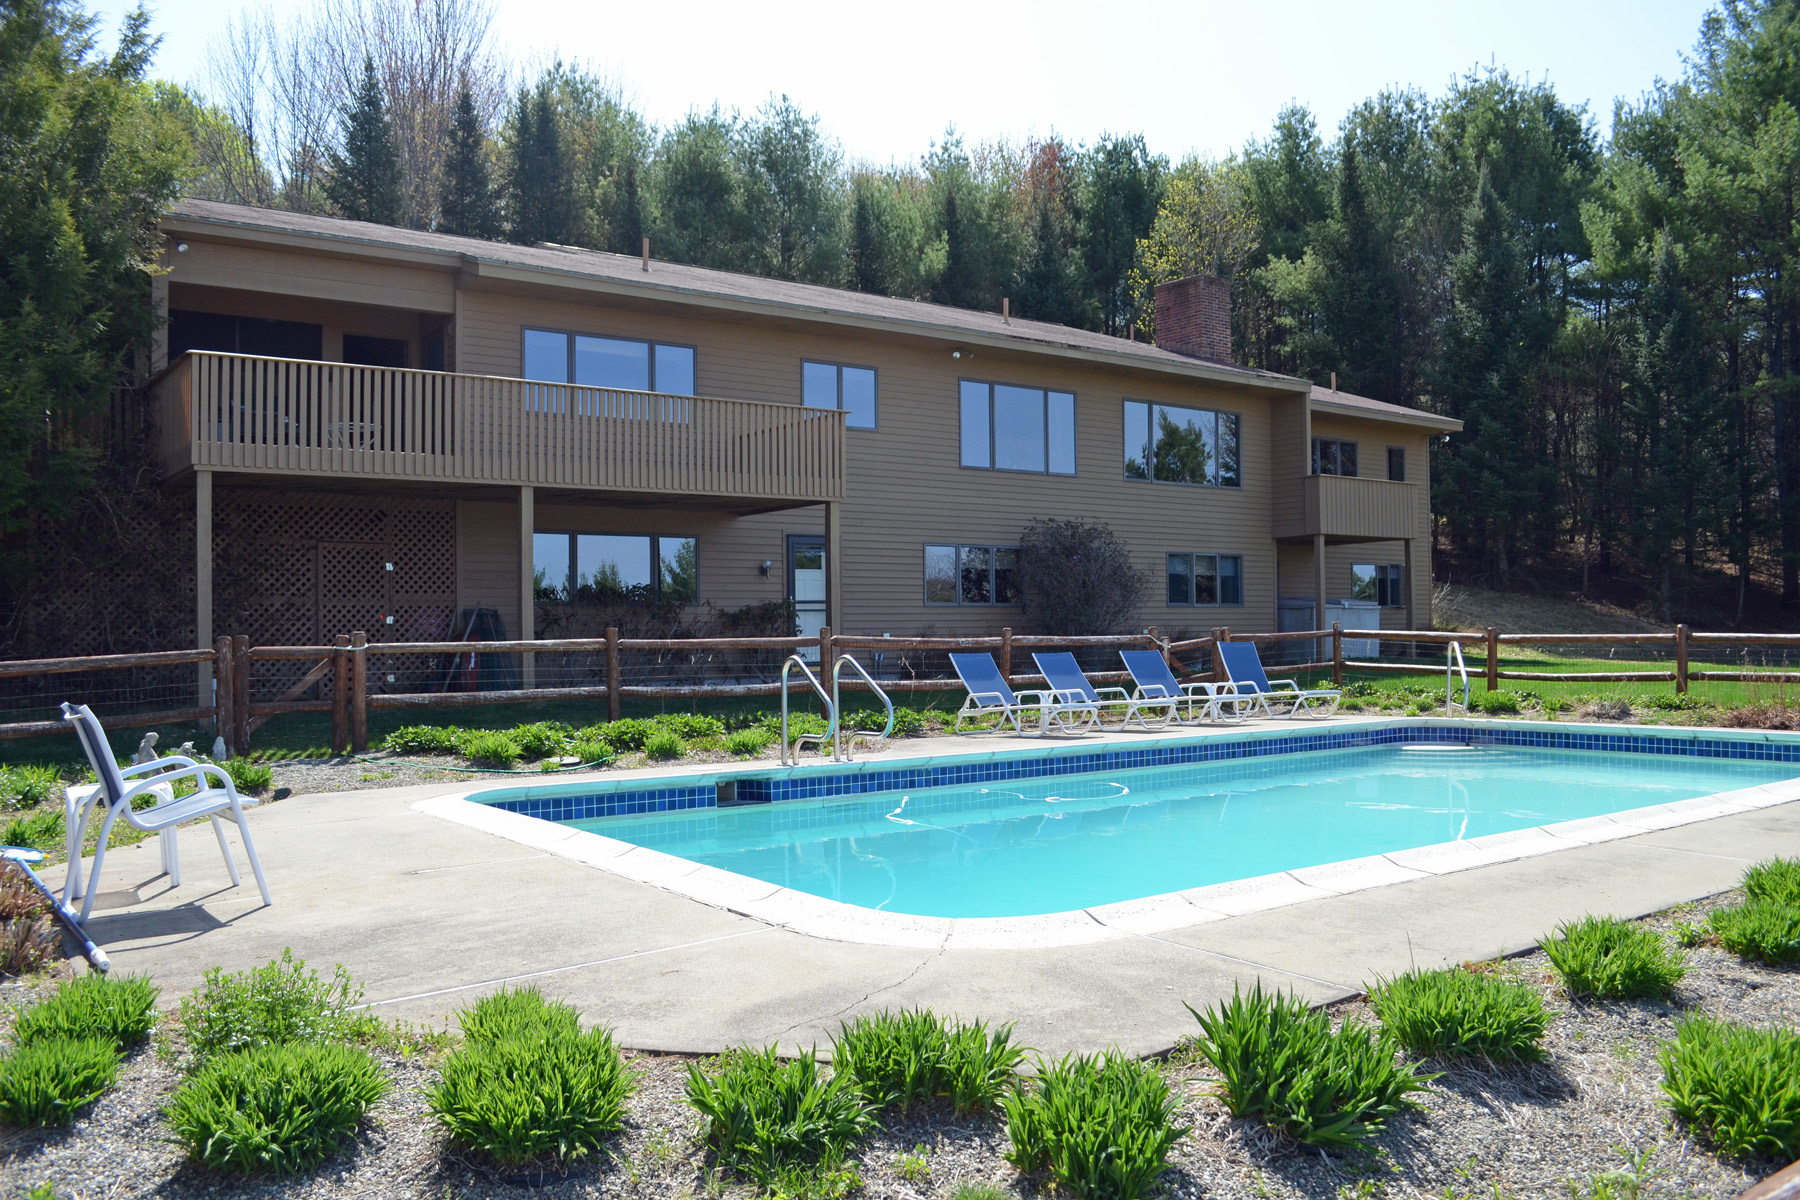 Maison unifamiliale pour l Vente à 35 Stevens, Hanover 35 Stevens Rd Hanover, New Hampshire, 03755 États-Unis